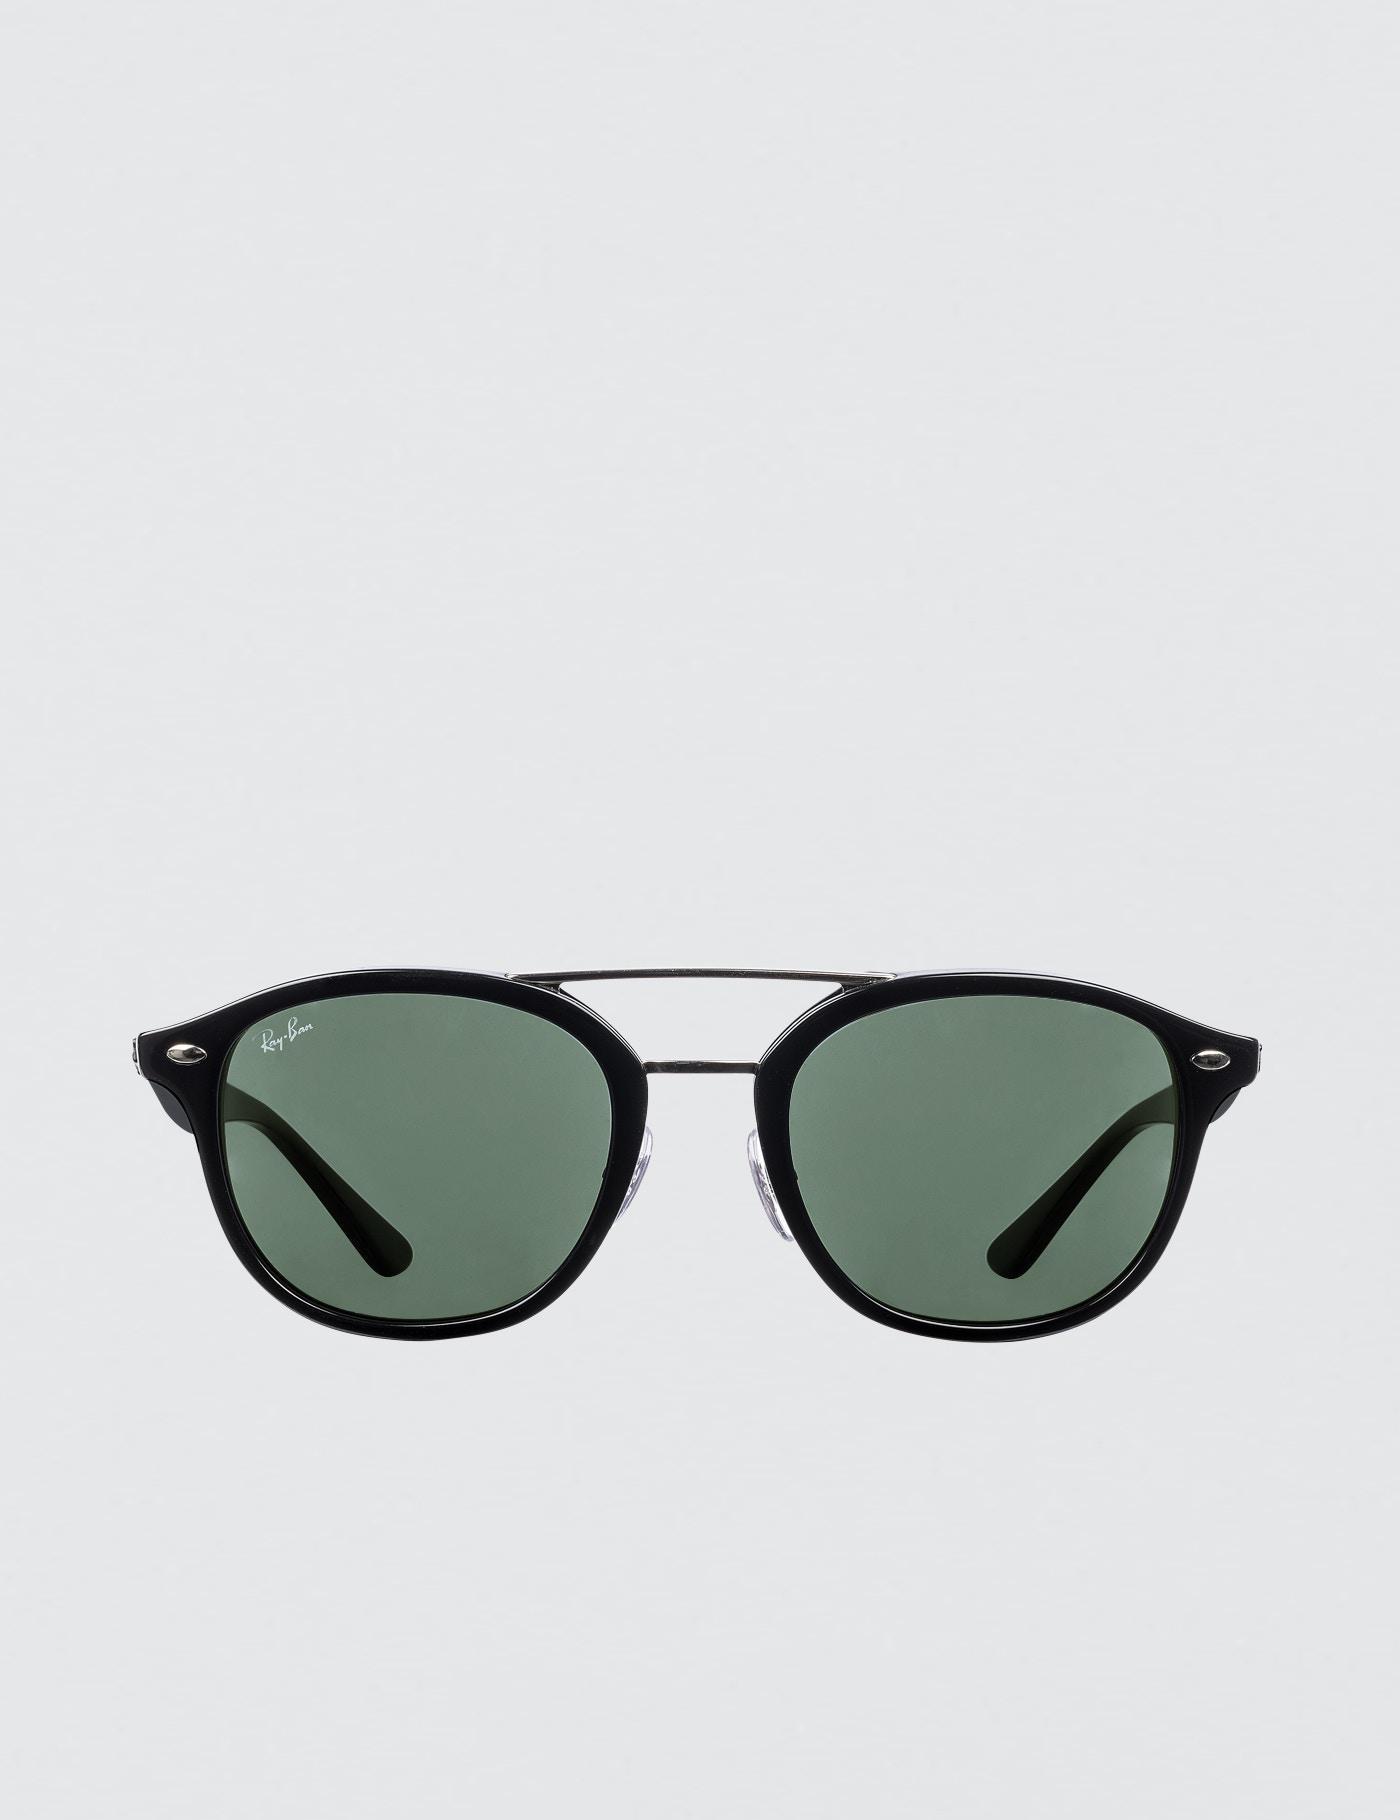 4b080bdba9 Gallery. Previously sold at  HBX · Men s Tinted Sunglasses Men s Ray Ban  3025 Men s Black ...